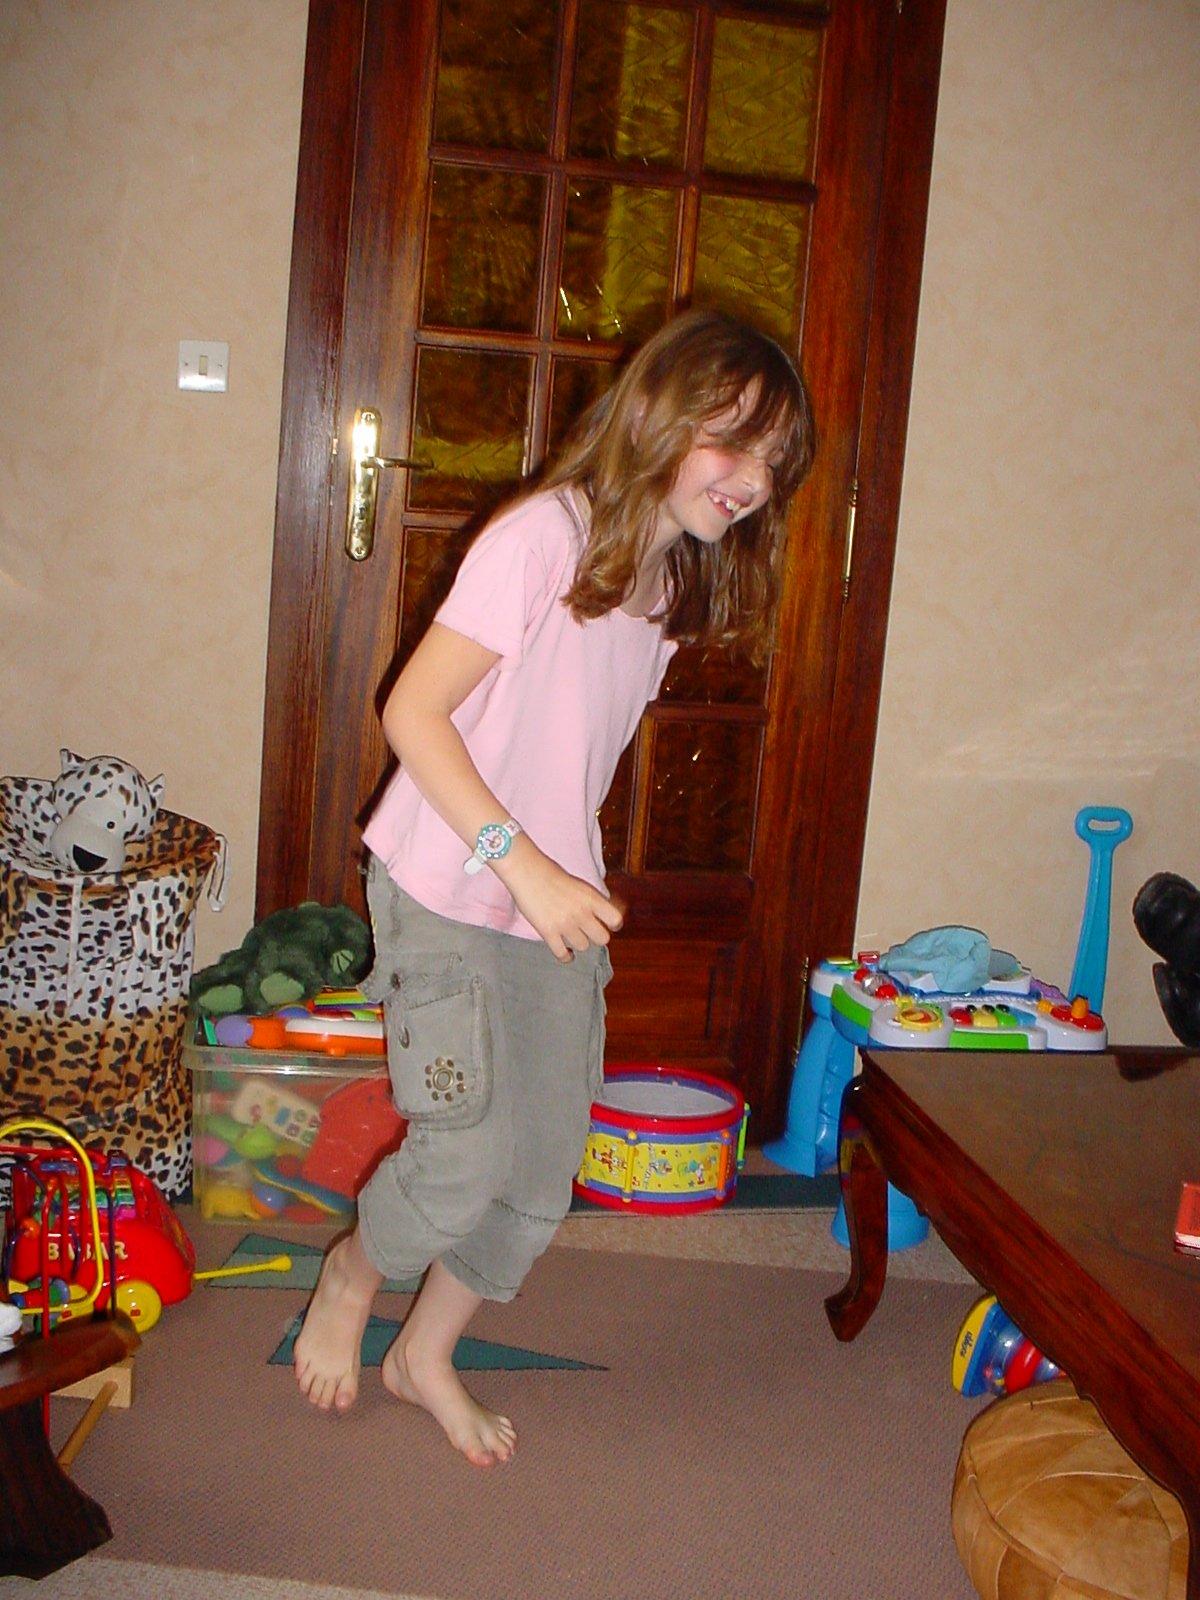 quintia danse